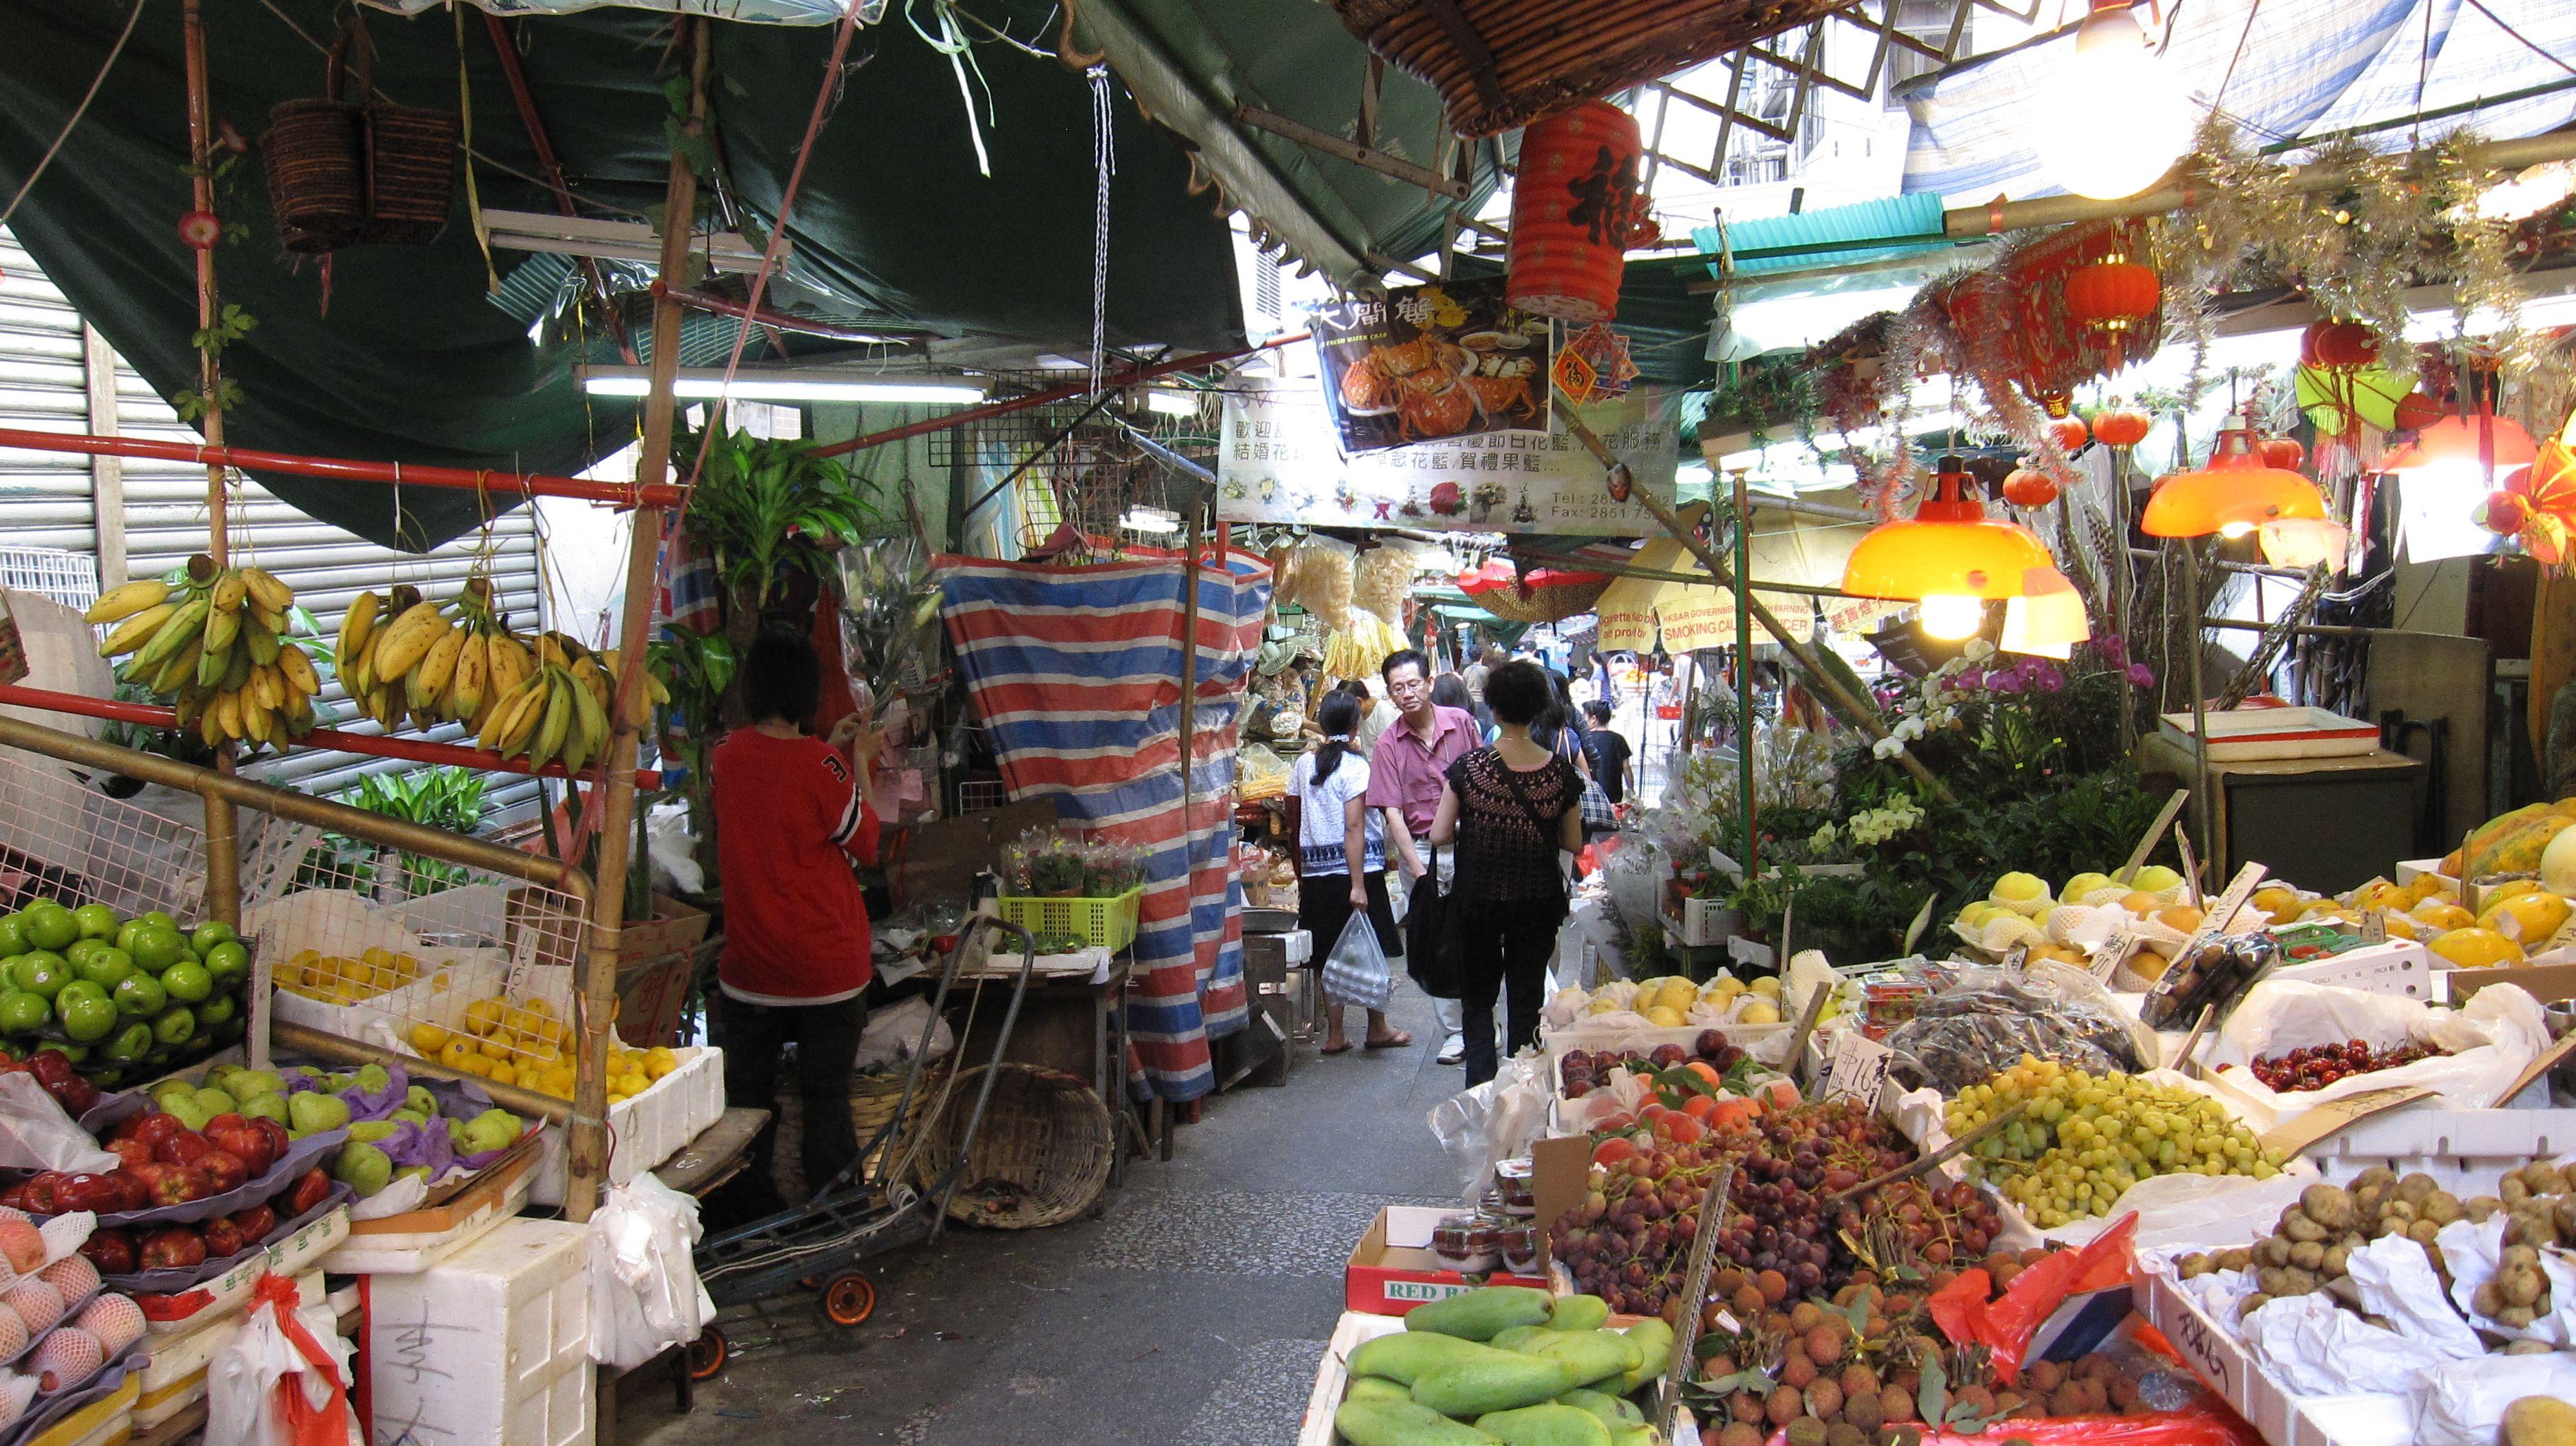 Market Place In Hong Kong Places In Hong Kong Hong Kong Places